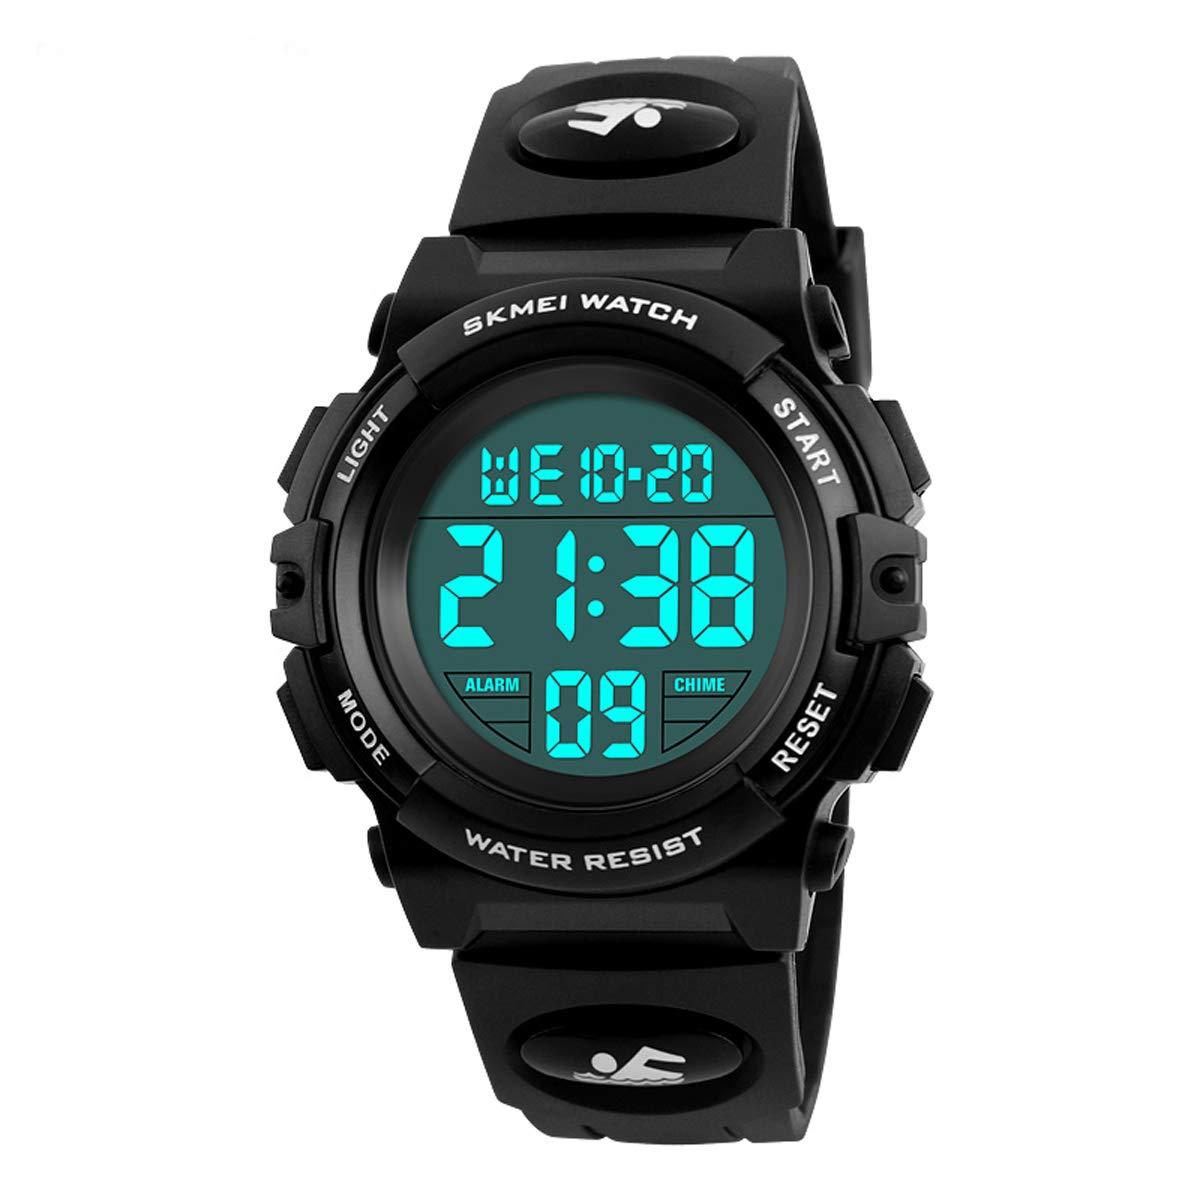 Relojes Digitales para niños Deportes al Aire Libre Reloj Impermeable con Alarma Temporizador cronómetro cronógrafo Relojes de Pulsera para niños Adolescentes